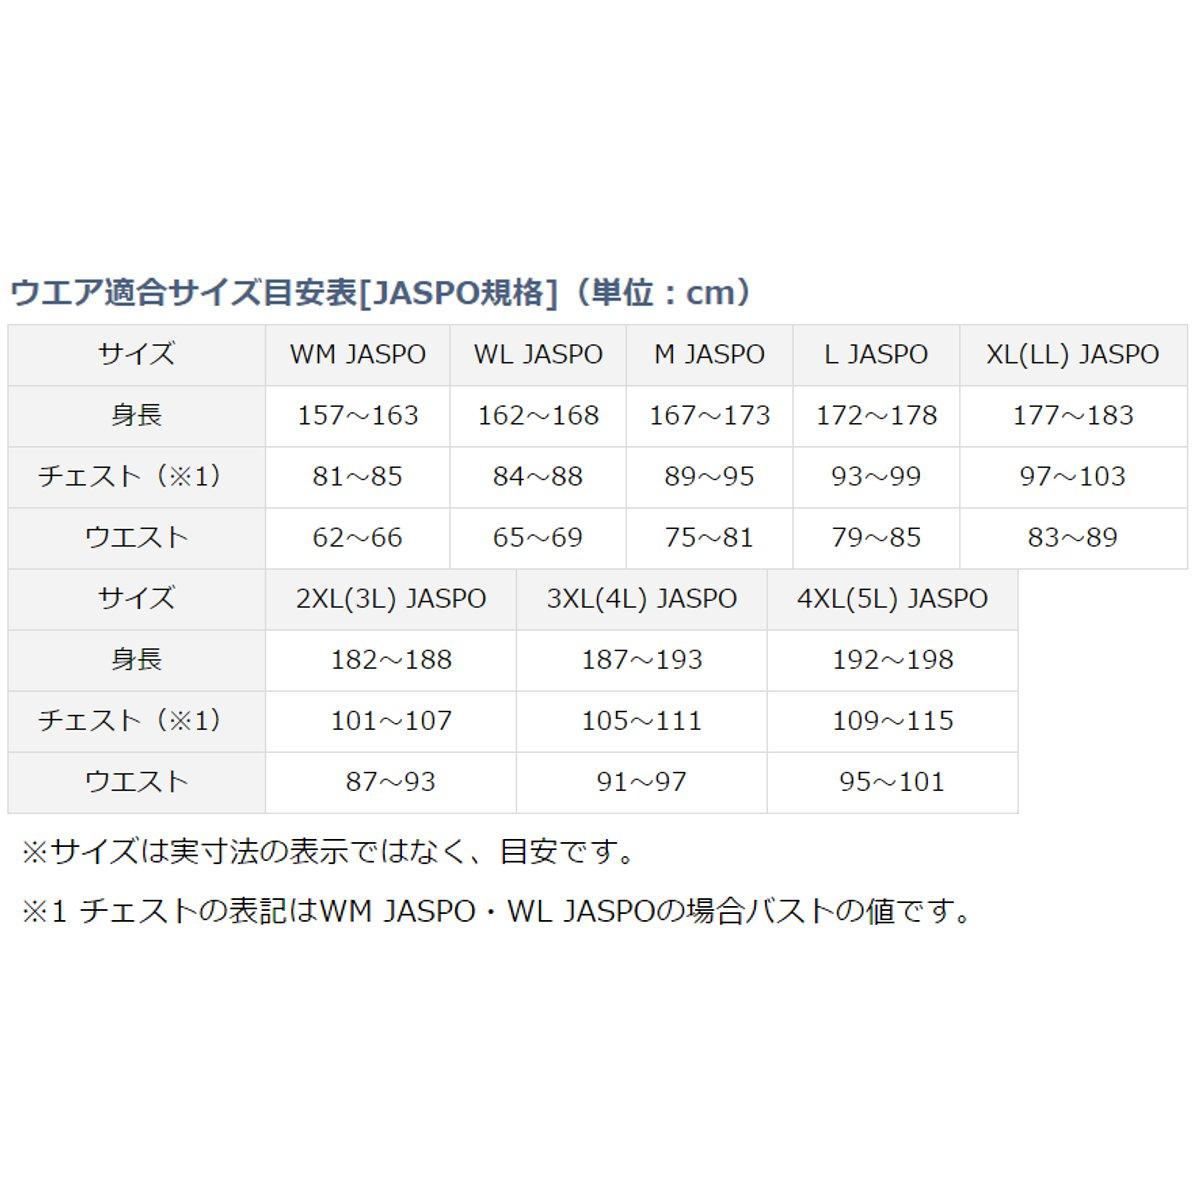 大和(Daiwa)reimmakkusupokettaburureinjaketto DR-3207J XL黑色